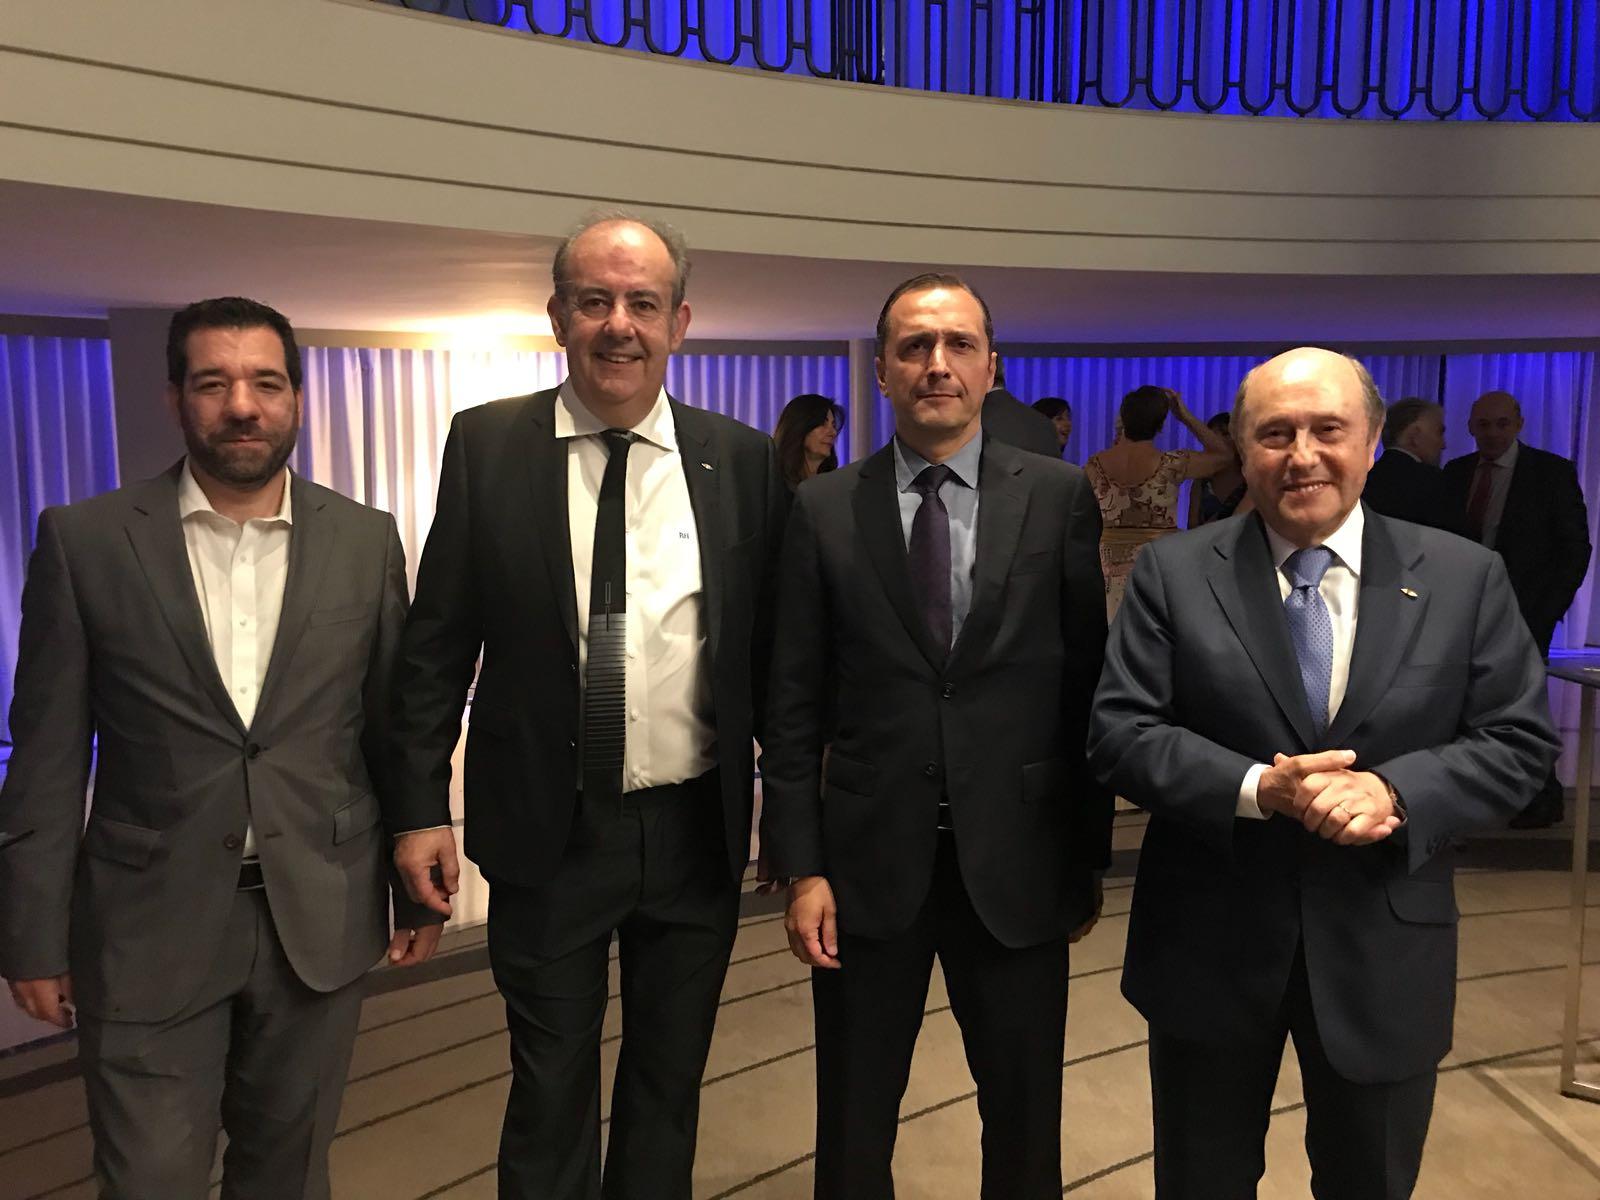 Amplia participación asturiana en el 40 Aniversario de FENITEL 4 Durante los días 21 y 22 de junio, una amplia delegación de Fenitel Asturias participó en la Asamblea General de nuestra Federación Nacional, FENITEL, así